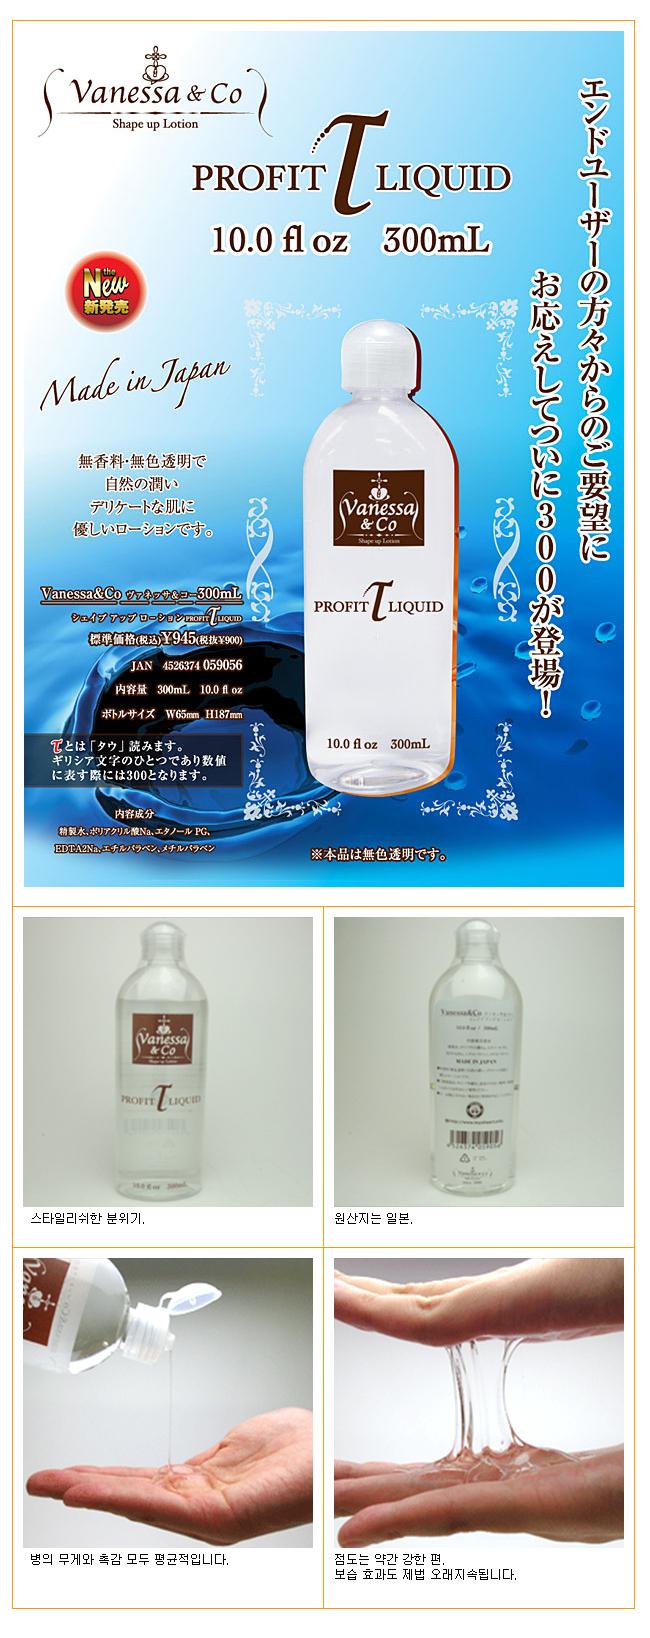 [일본 직수입] 바넷사&코(Vanessa&Co) - 200&300ml